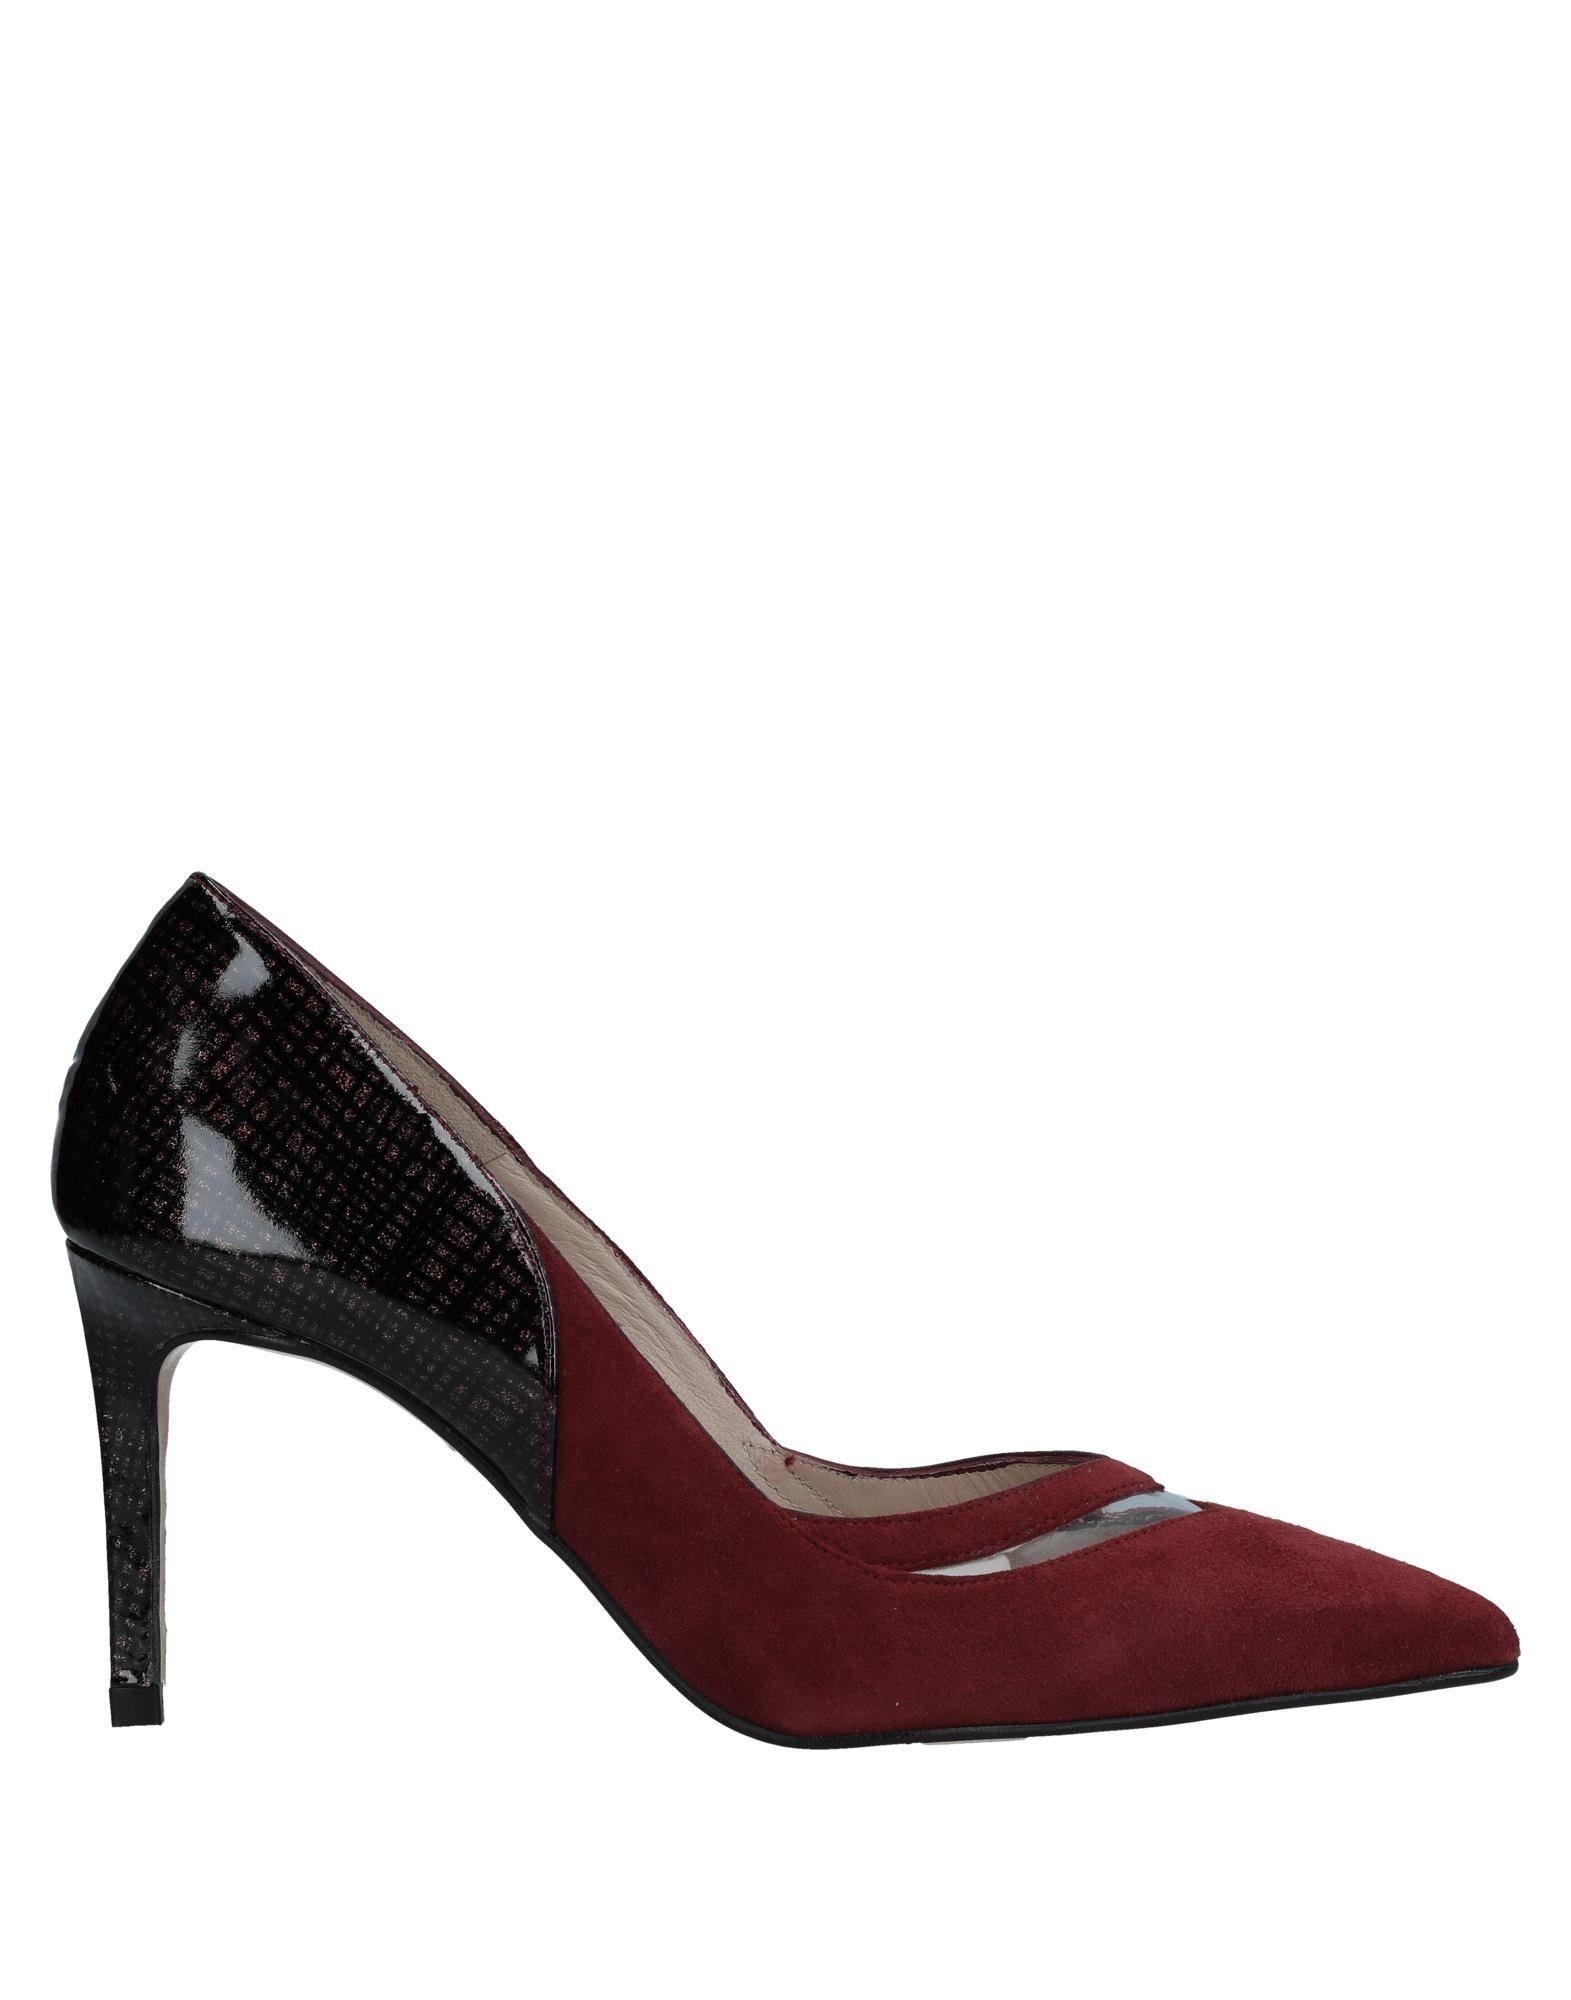 Hannibal Laguna Gute Pumps Damen  11541756GB Gute Laguna Qualität beliebte Schuhe f4e348